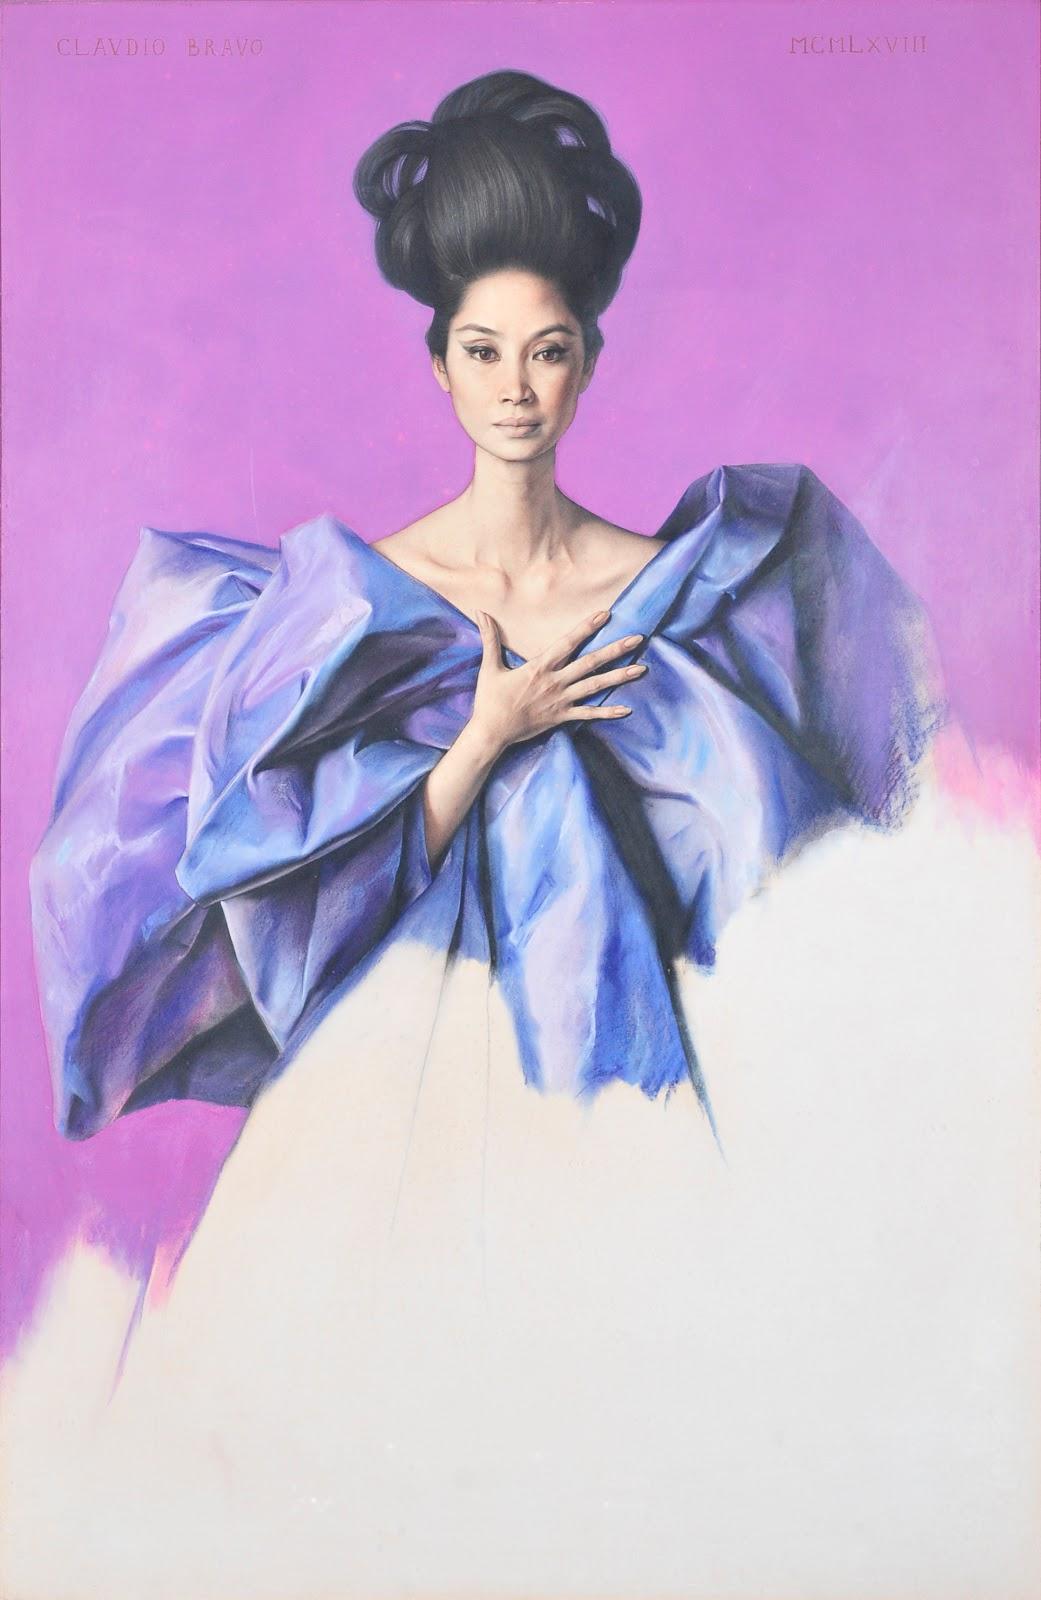 Claudio  ravo Camus Portrait of Imelda Cojuangco